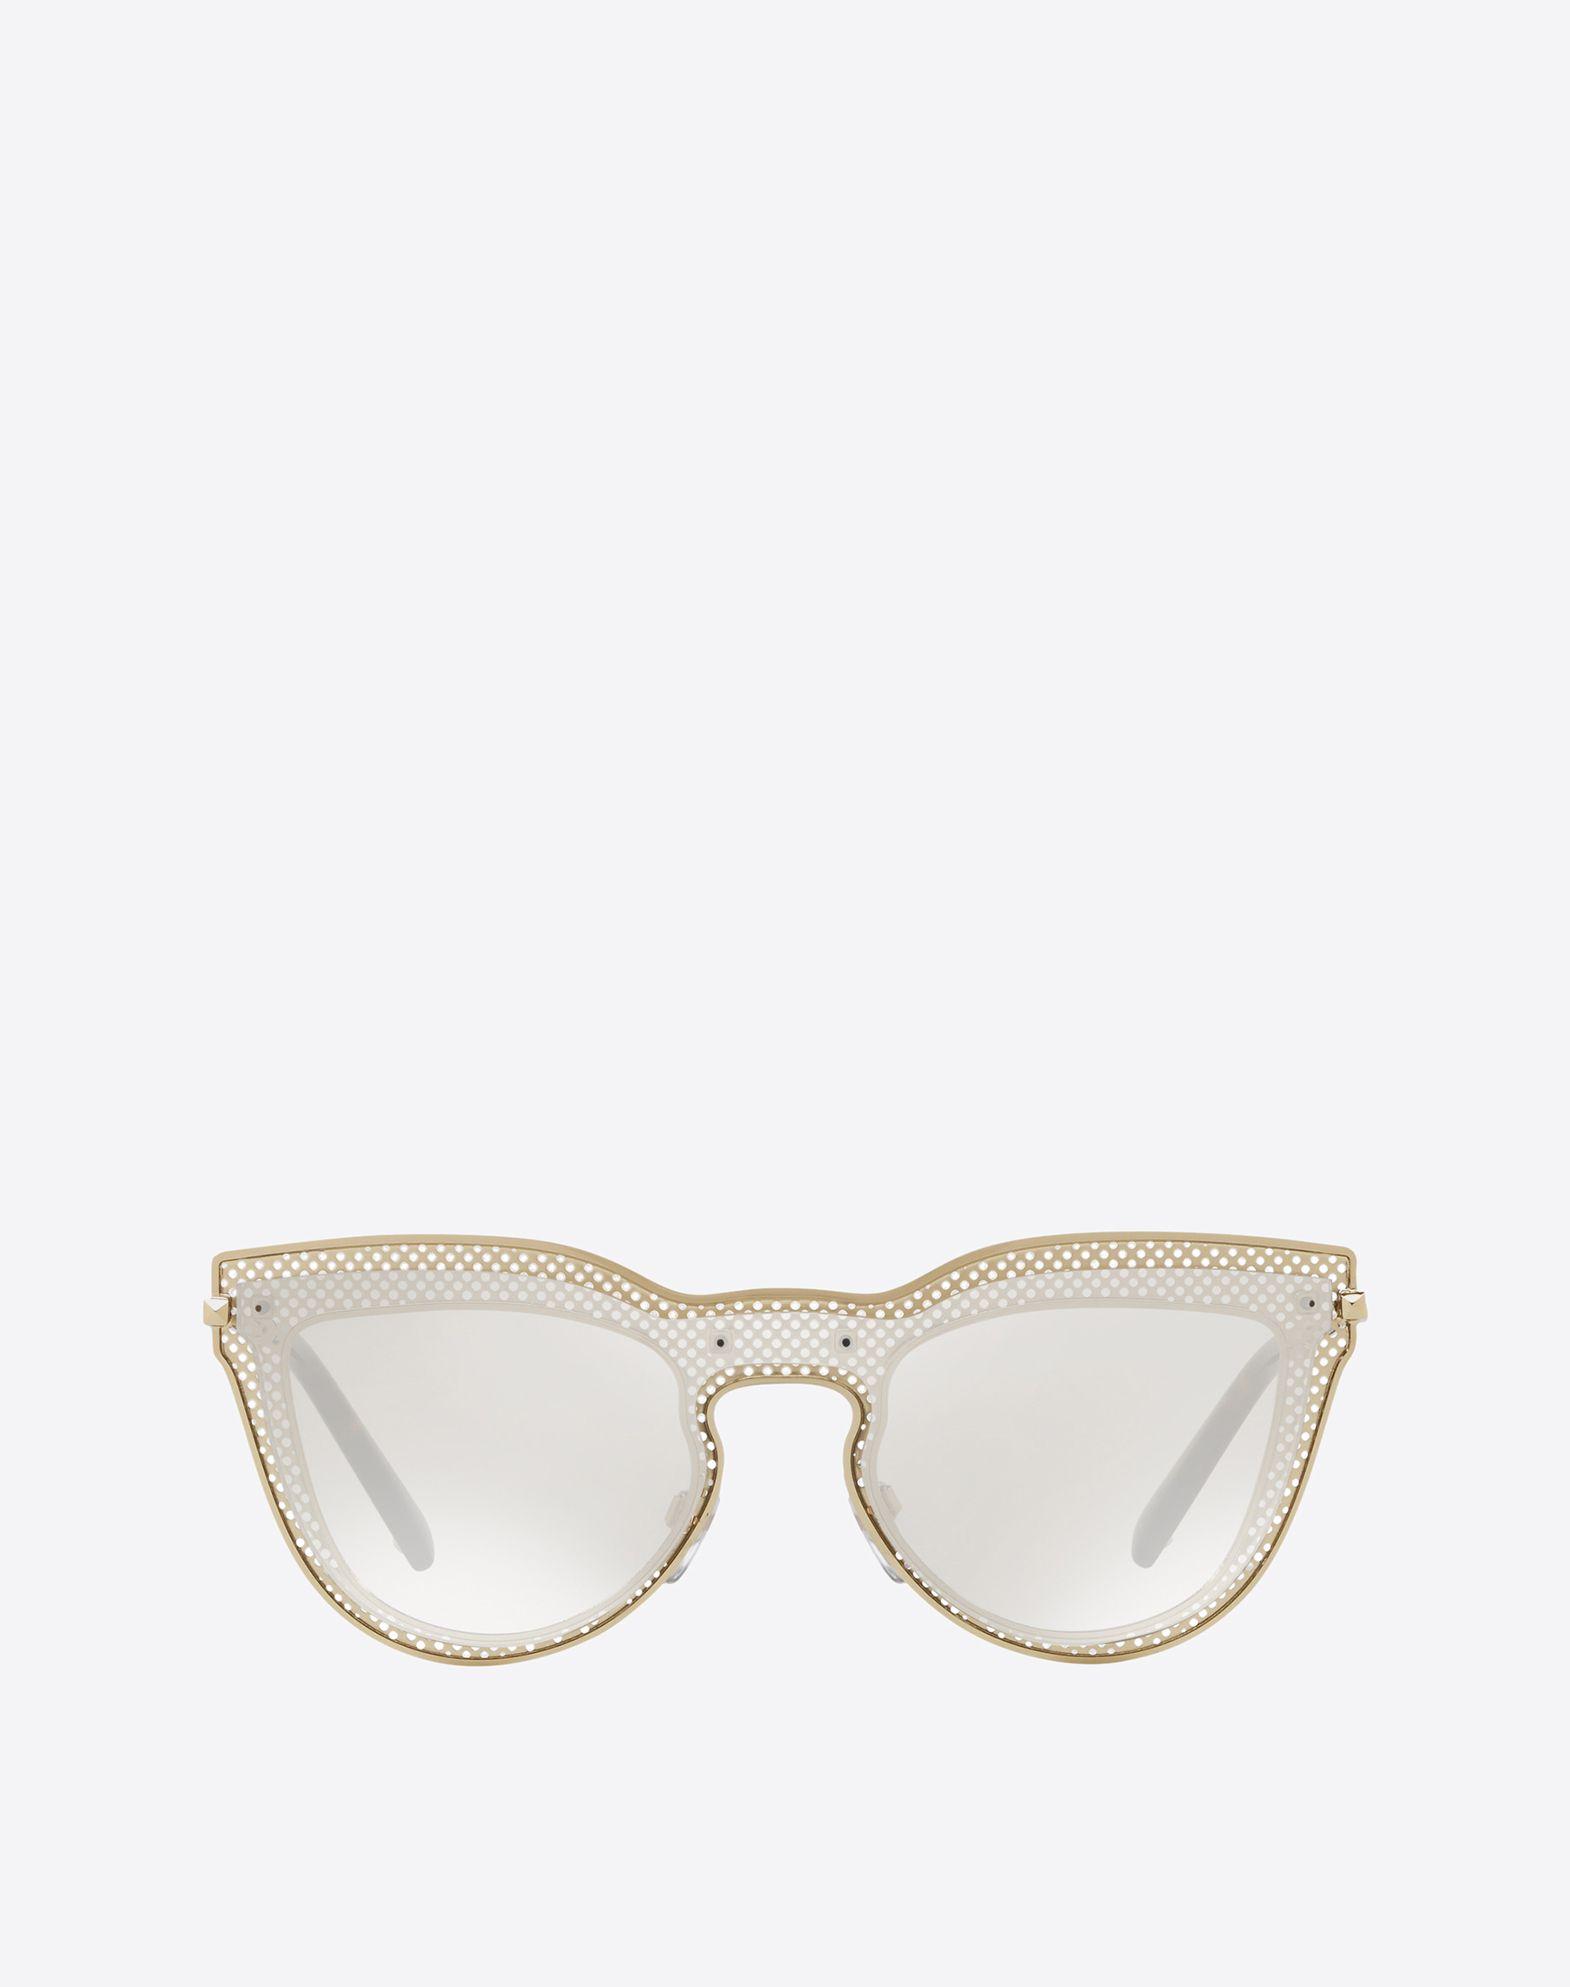 VALENTINO OCCHIALI Gafas de sol de metal Gafas de sol D f